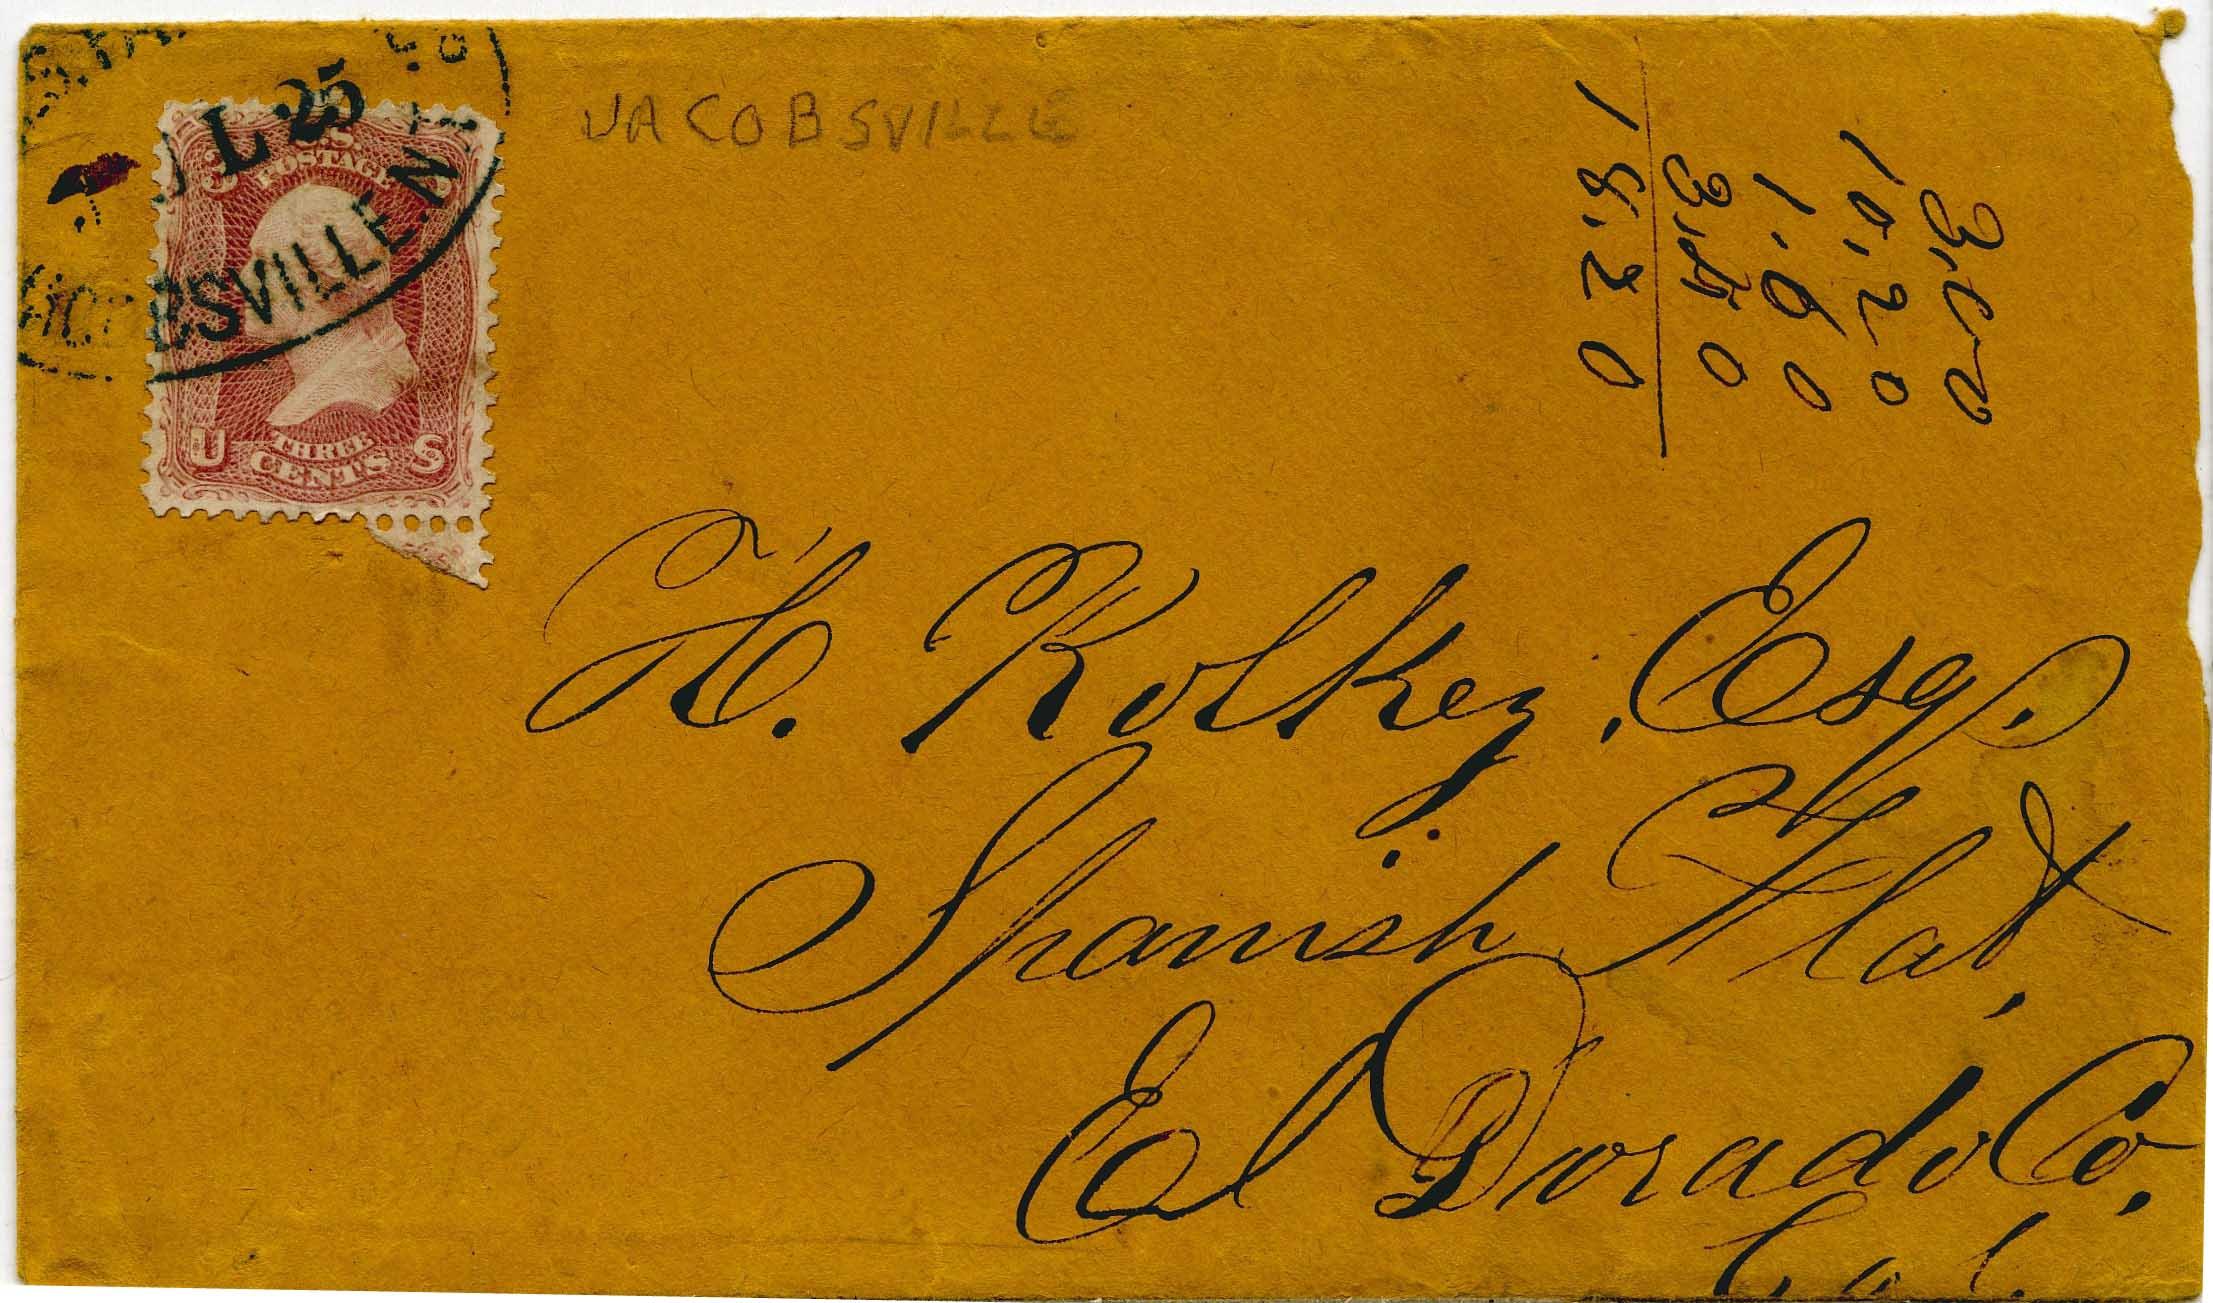 WC11052 JACOBSVILLE, NV 12 3,bk